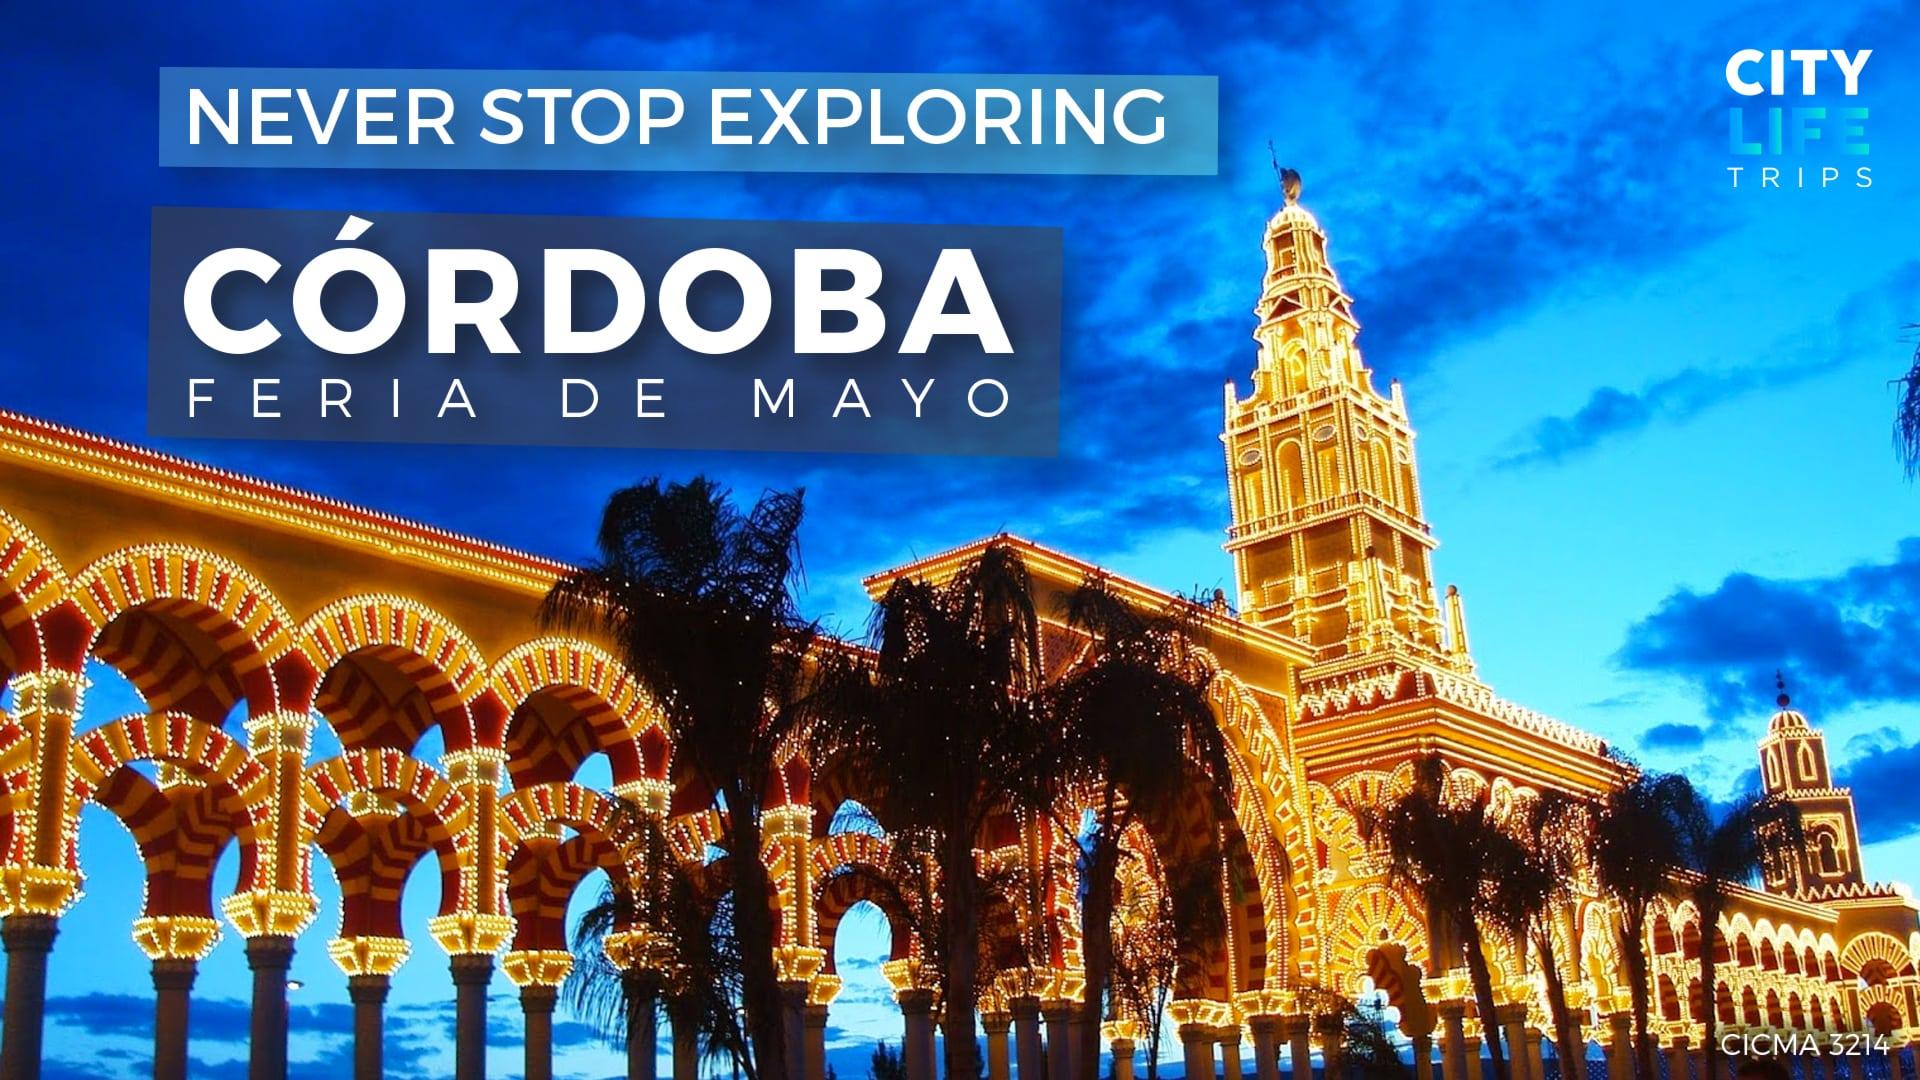 Córdoba - Feria de Mayo